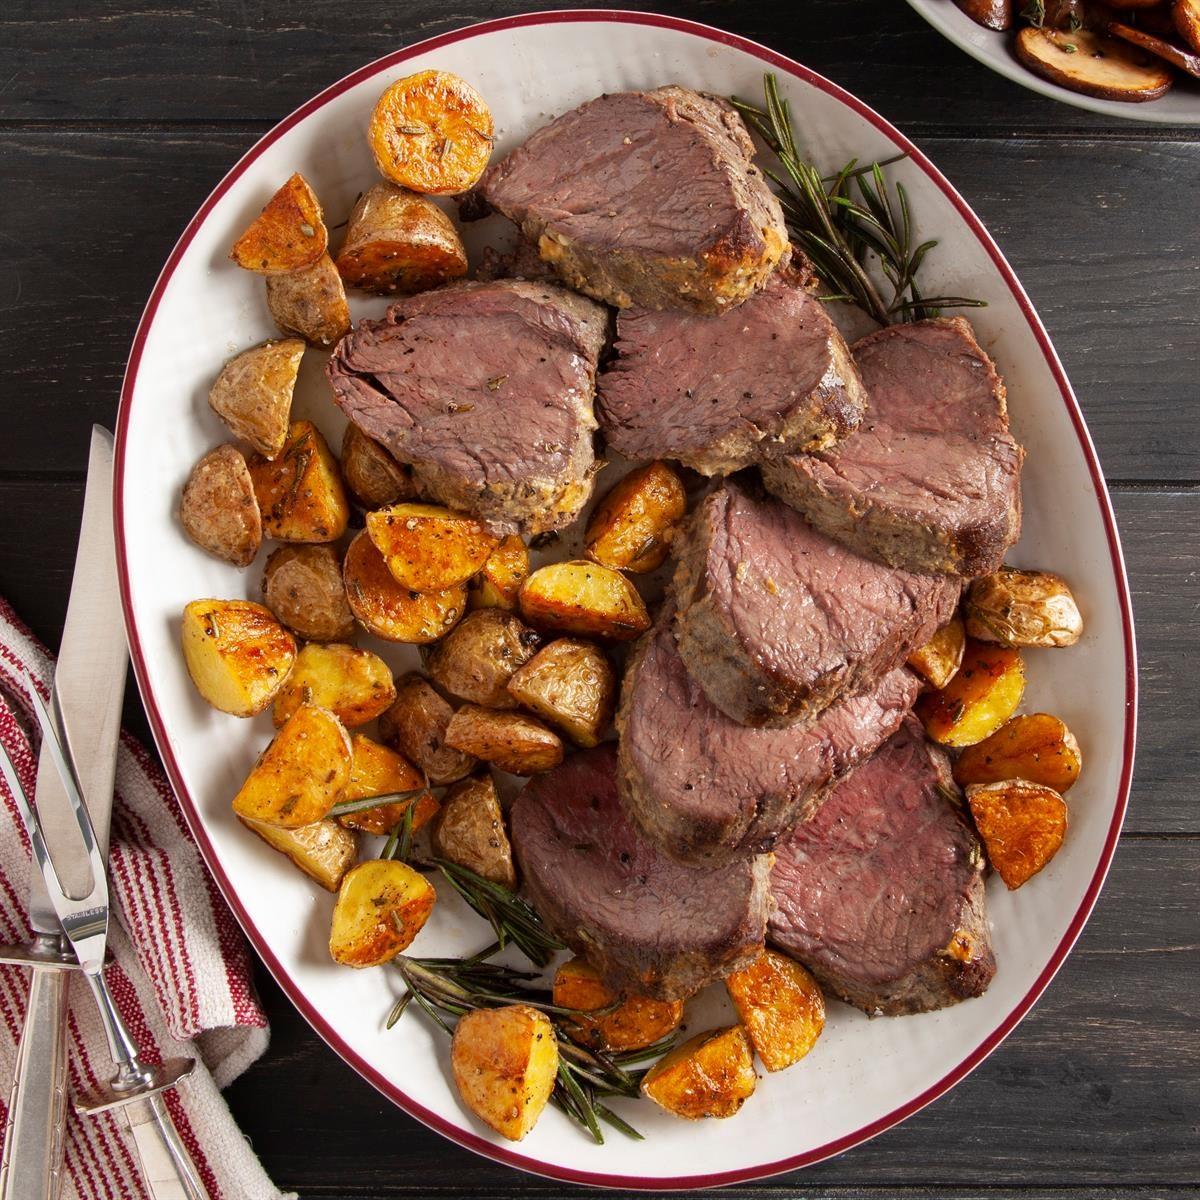 Day 6: Beef Tenderloin Roast